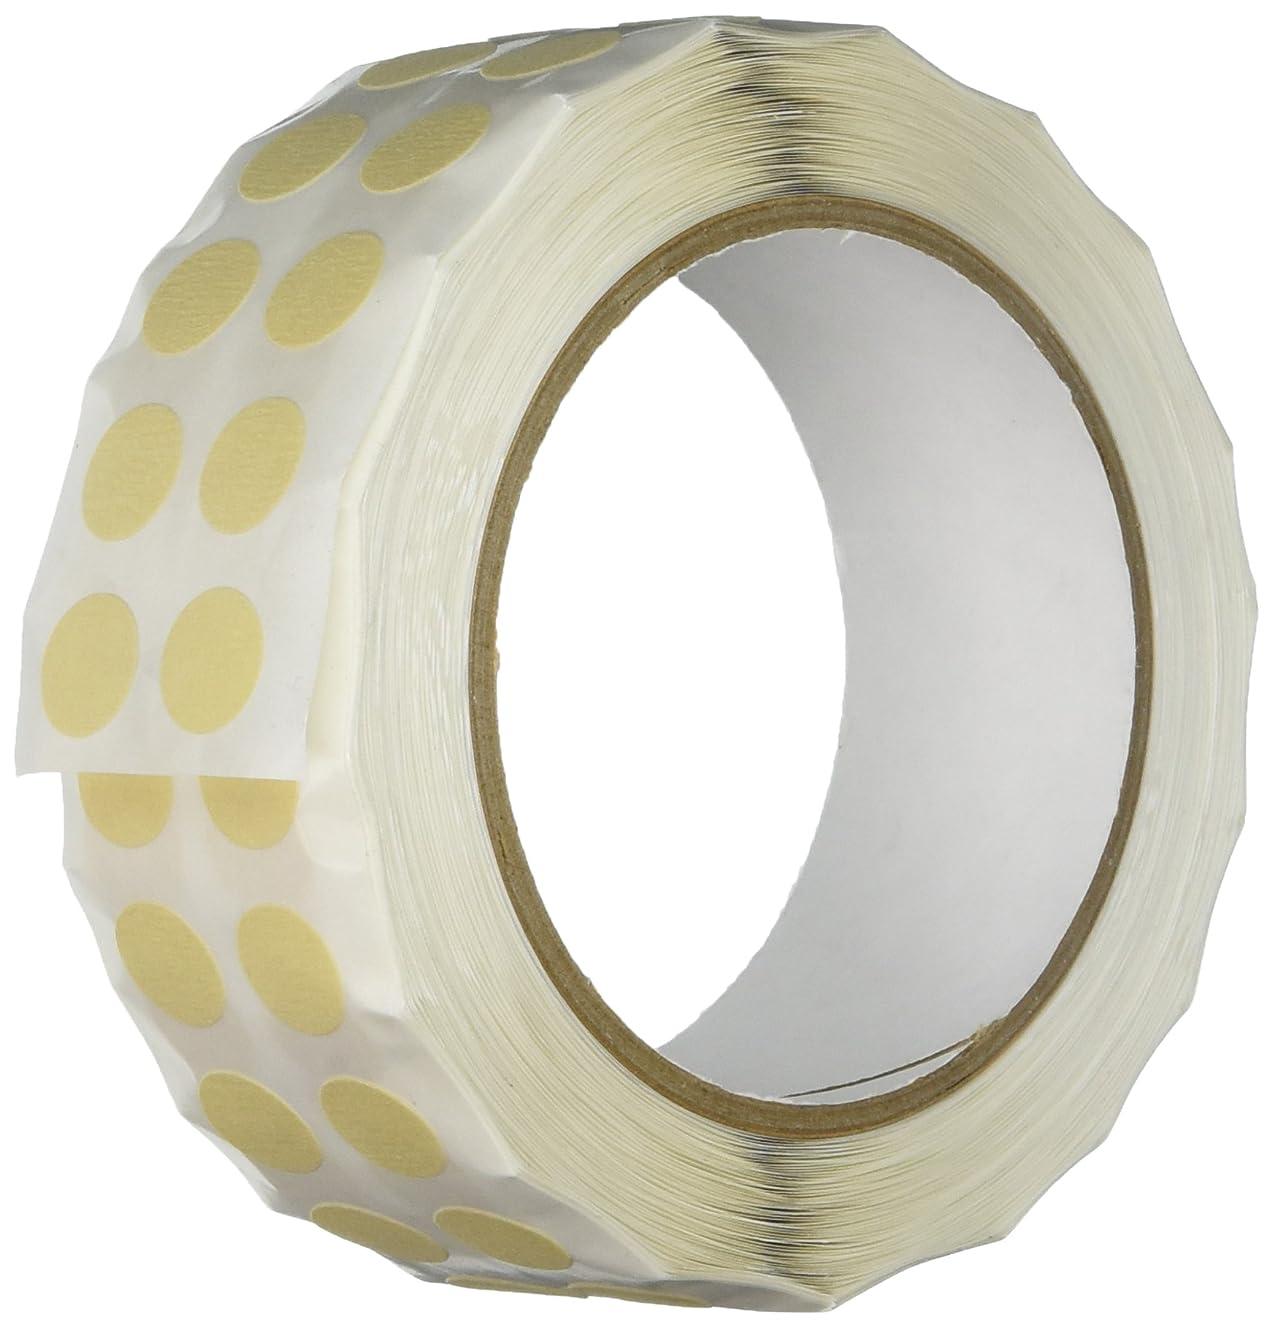 3M Circles, 2380 Masking Tape Discs, 0.5